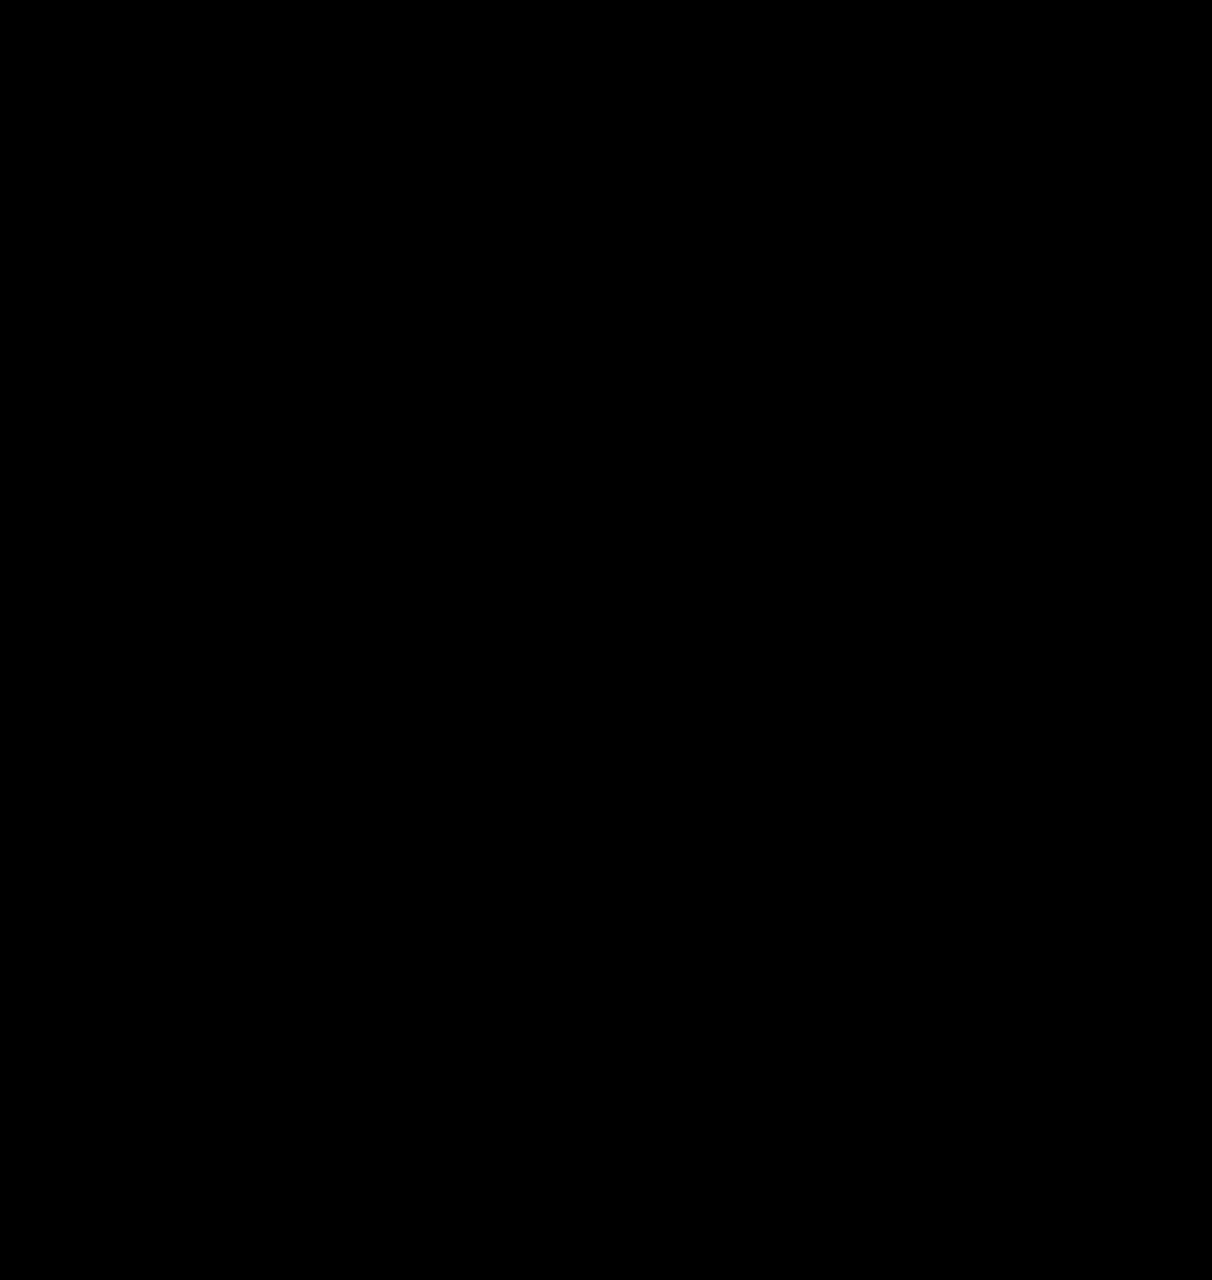 chimera-2027203_1280